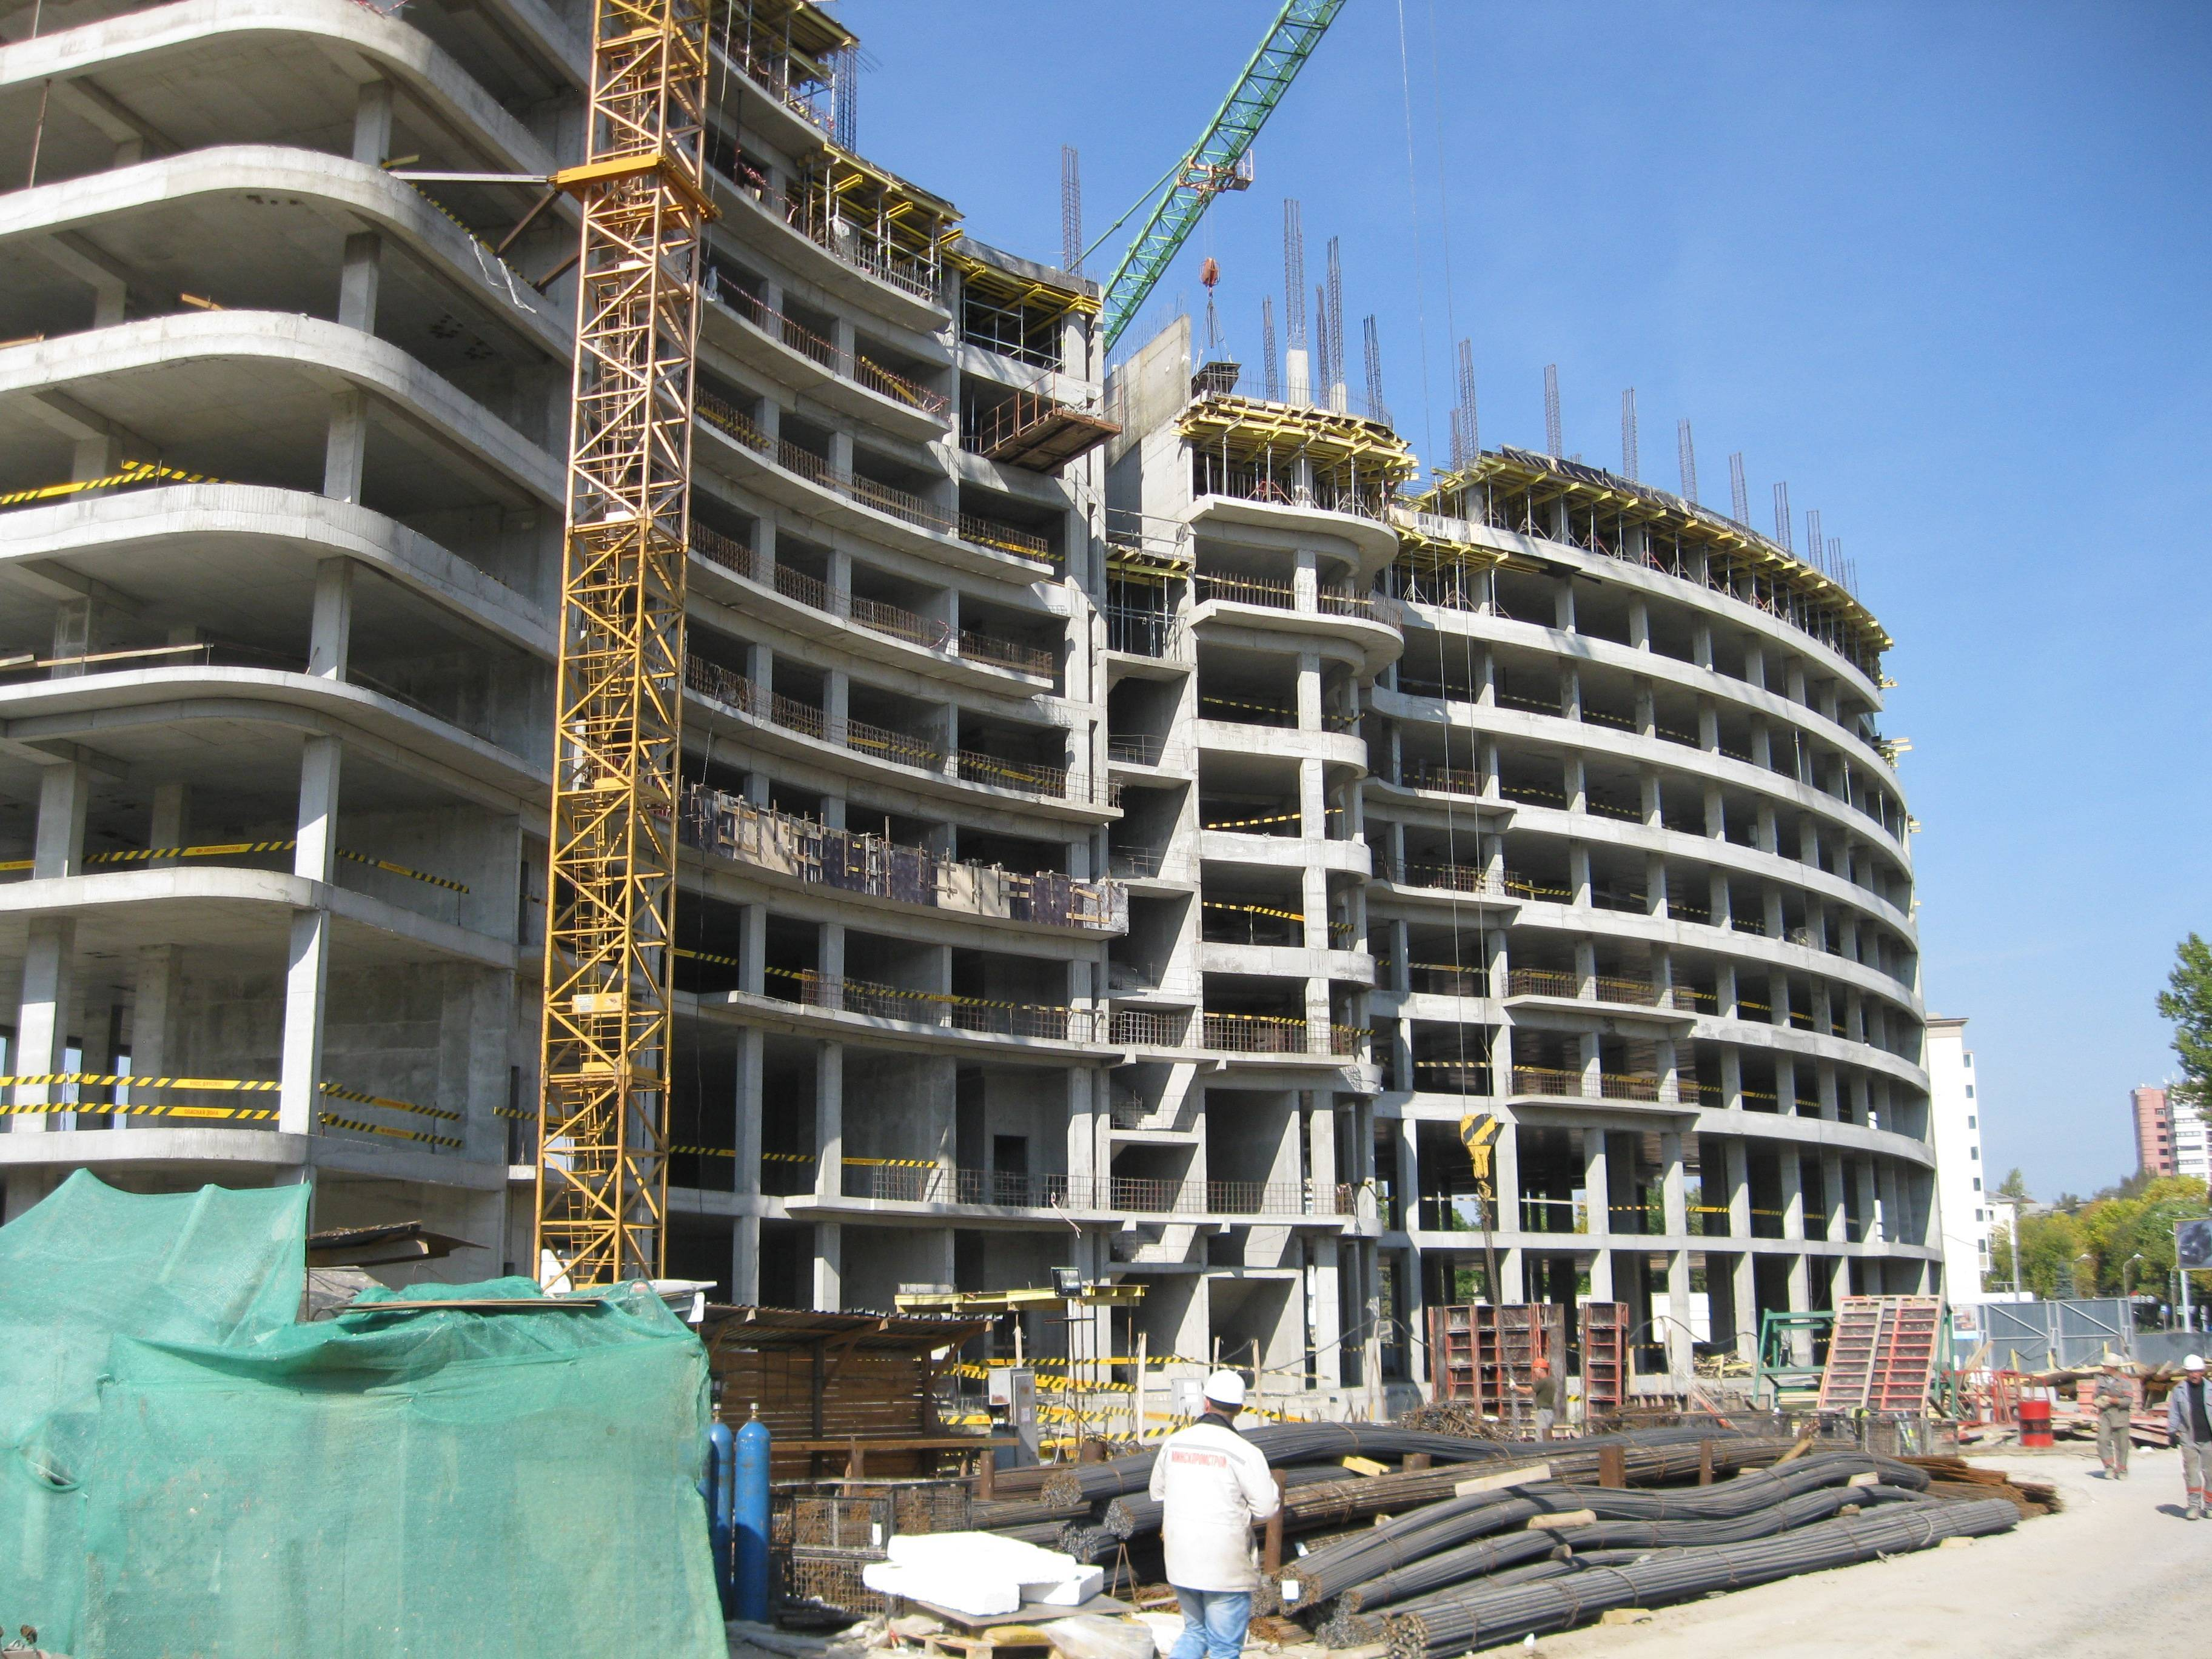 В Сочи обнаружили десятки незаконно строящихся жилых комплексов